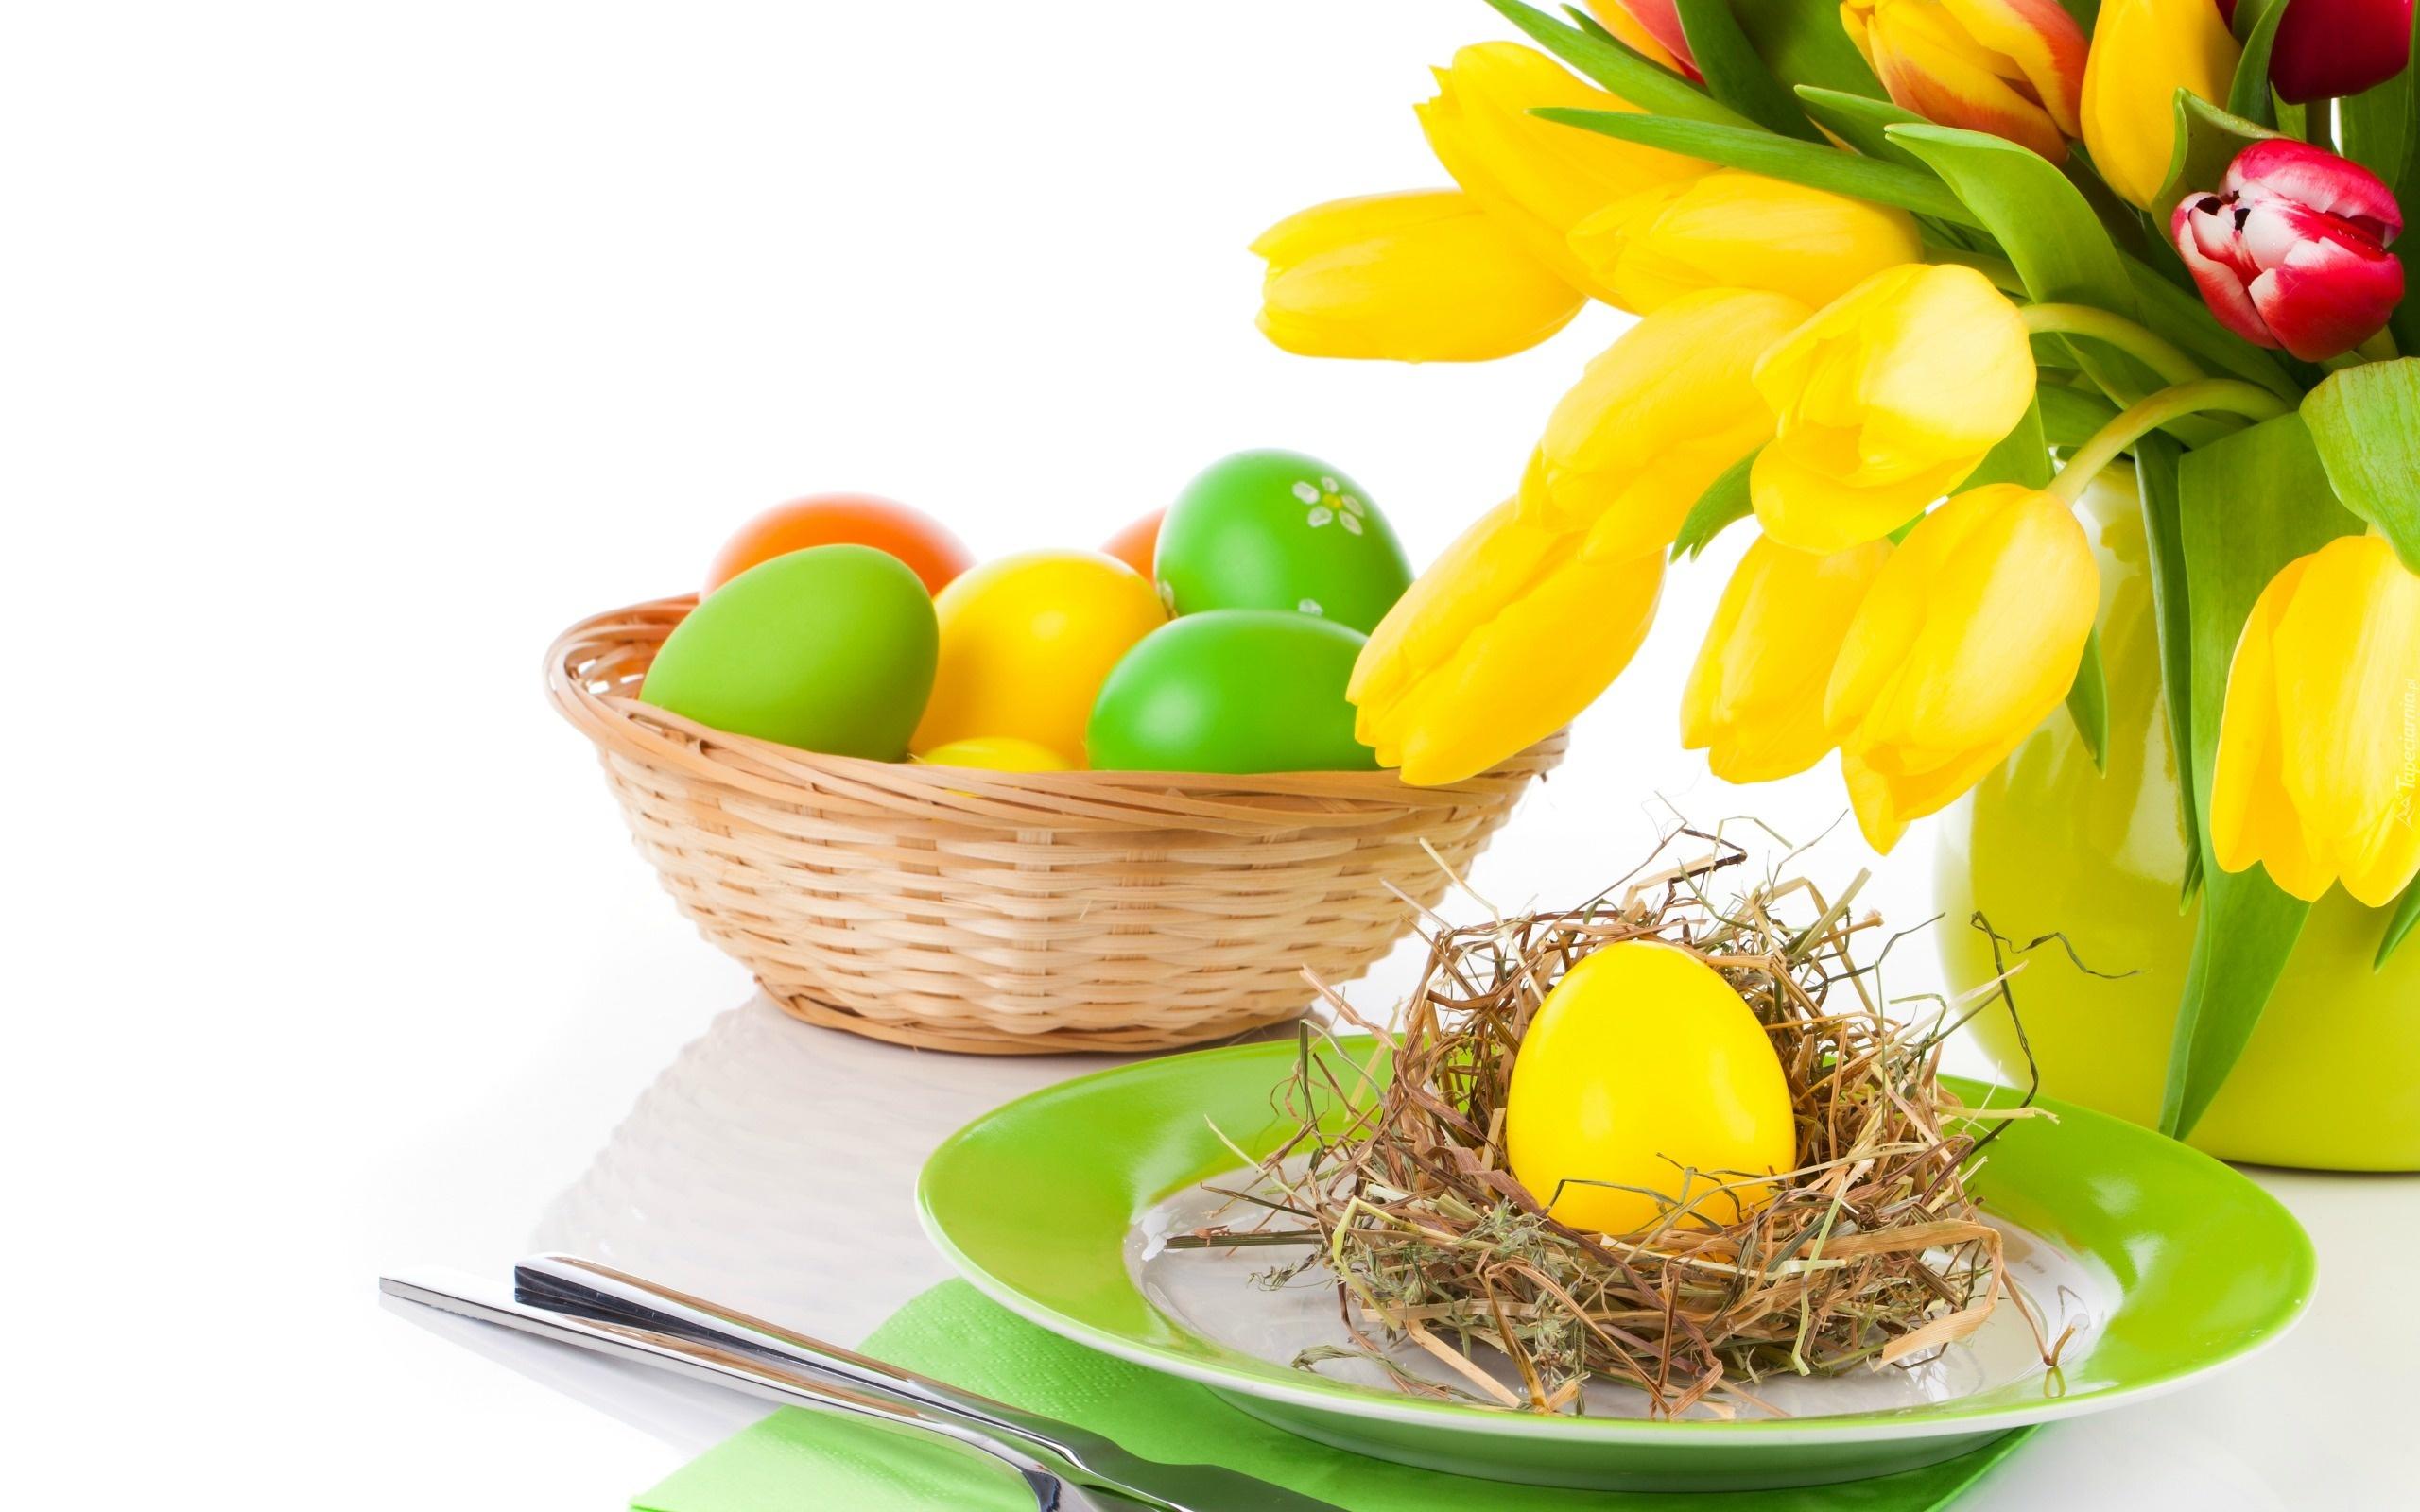 Bukiet, Tulipanów, Koszyk, Jajka, Wielkanoc